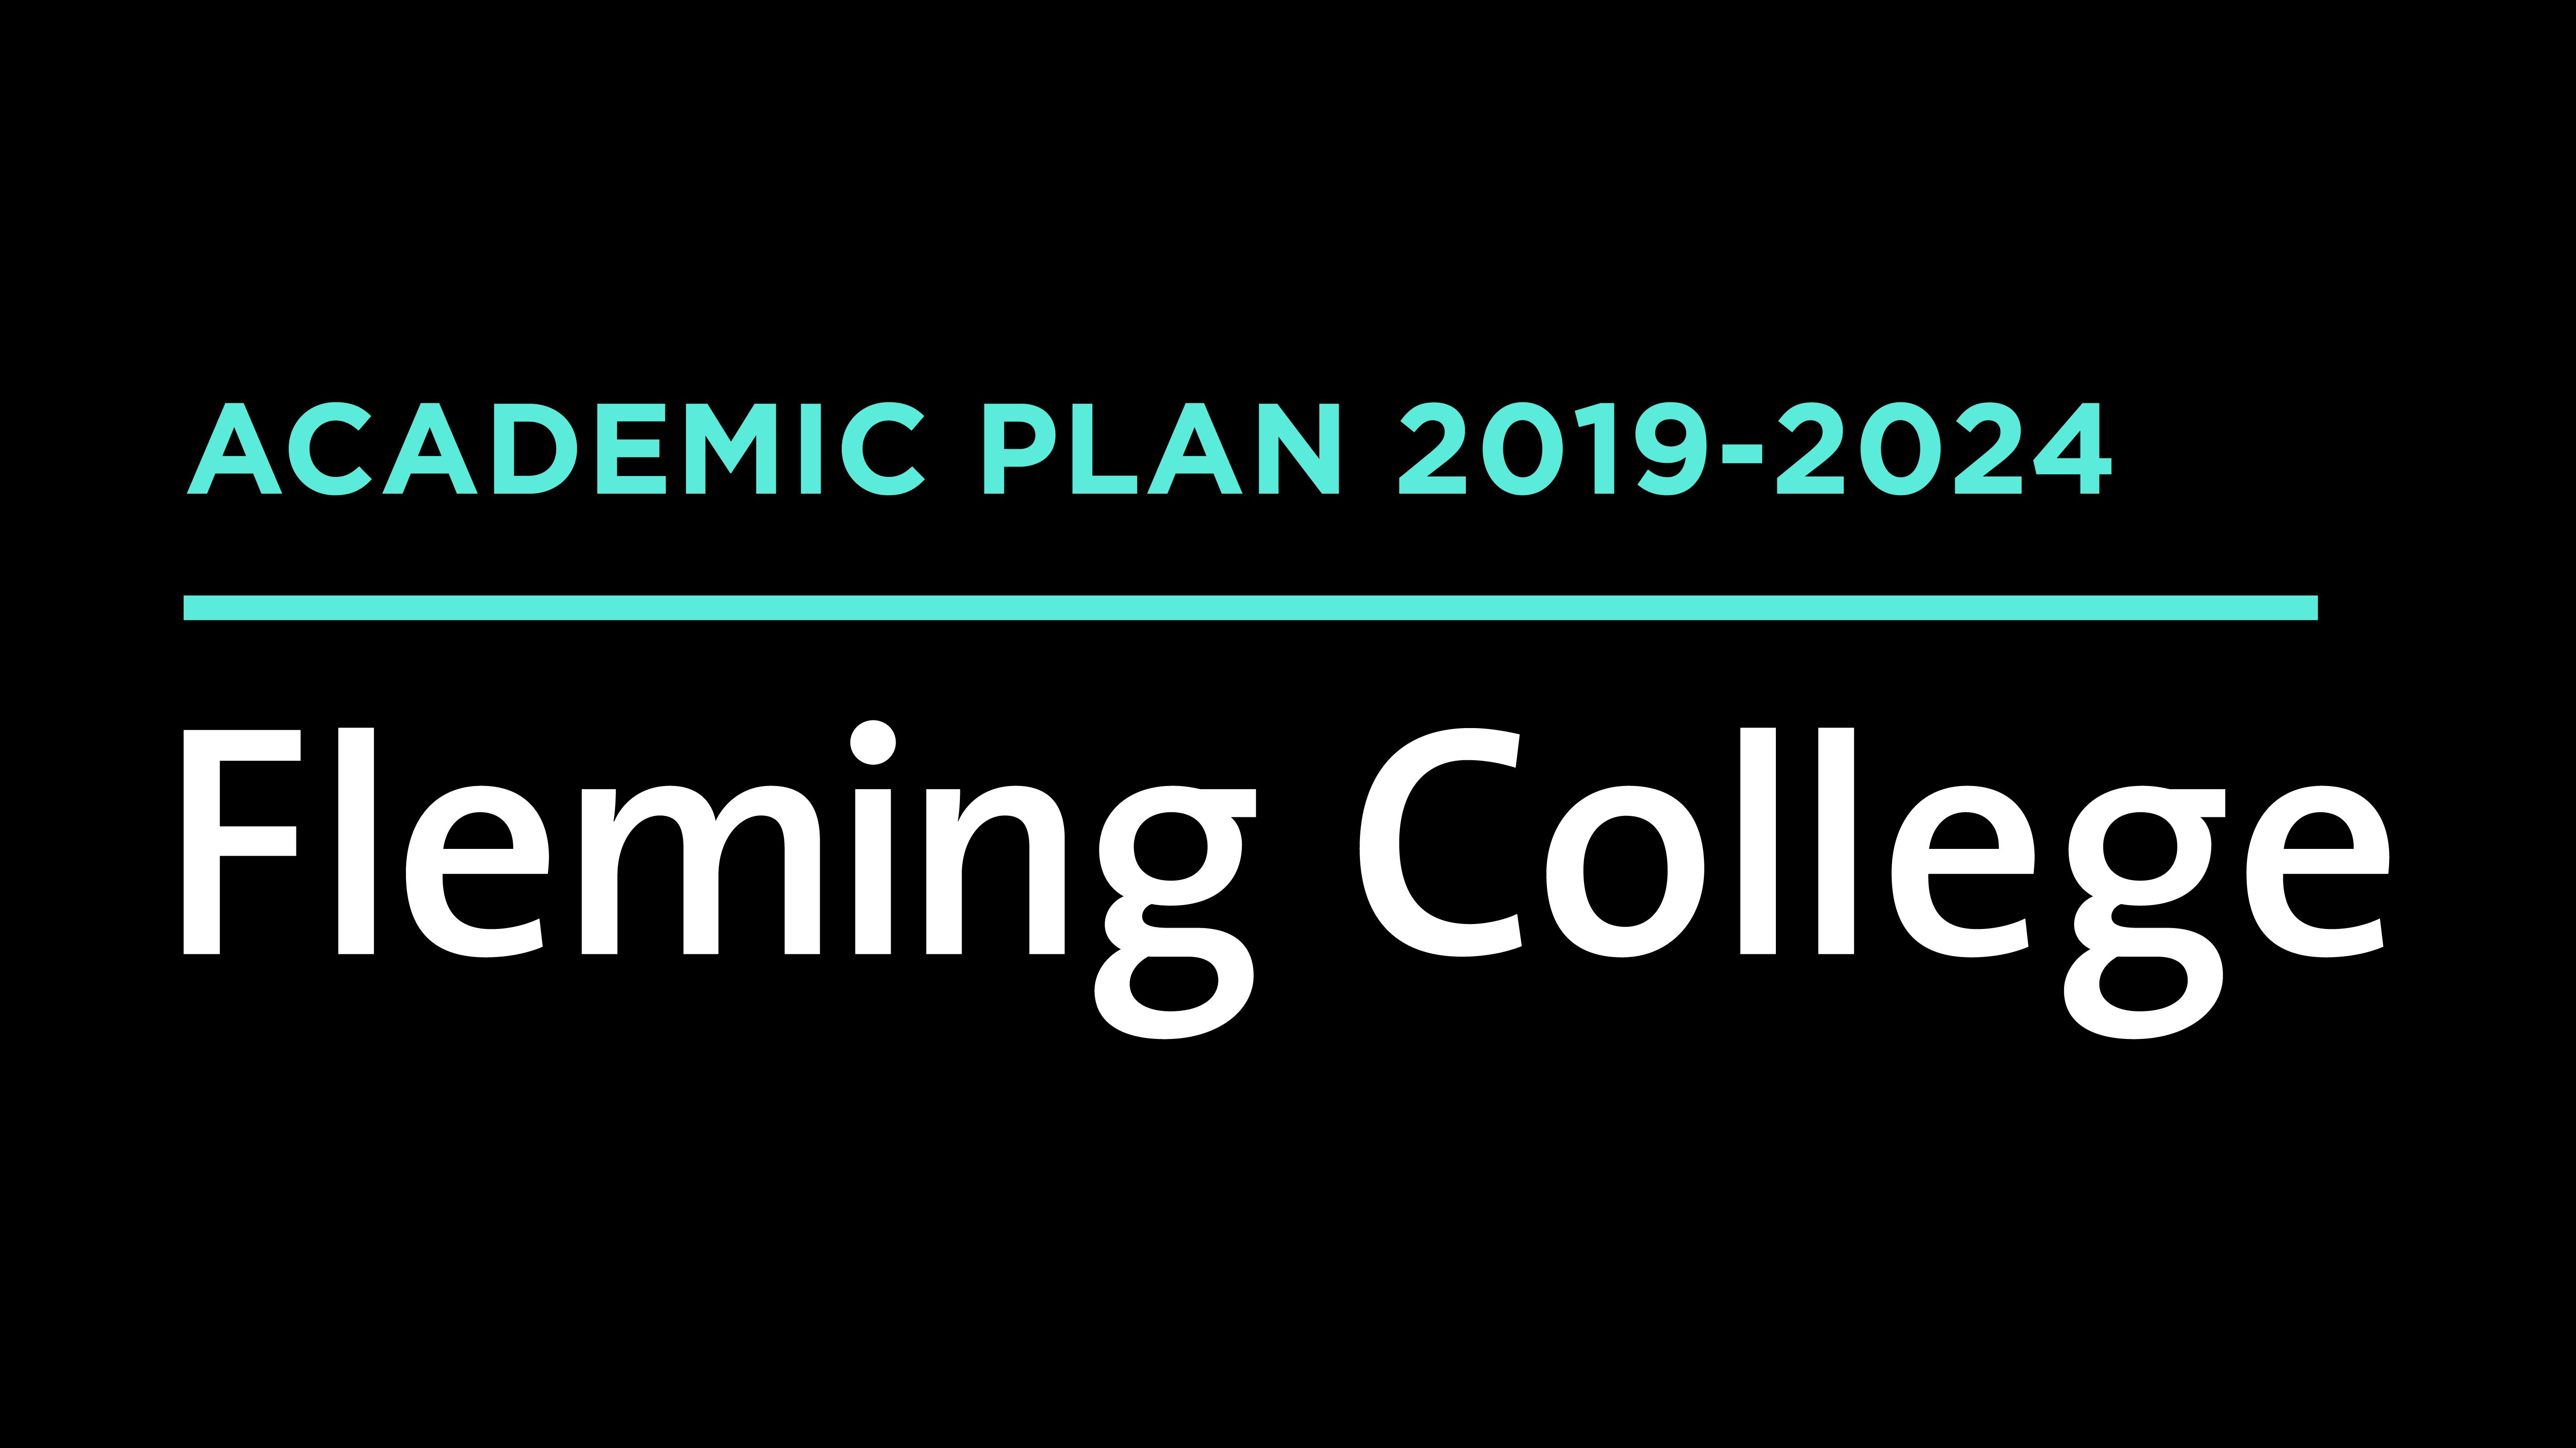 """Academic Plan 2019-2024 Logo """"Fleming College"""""""